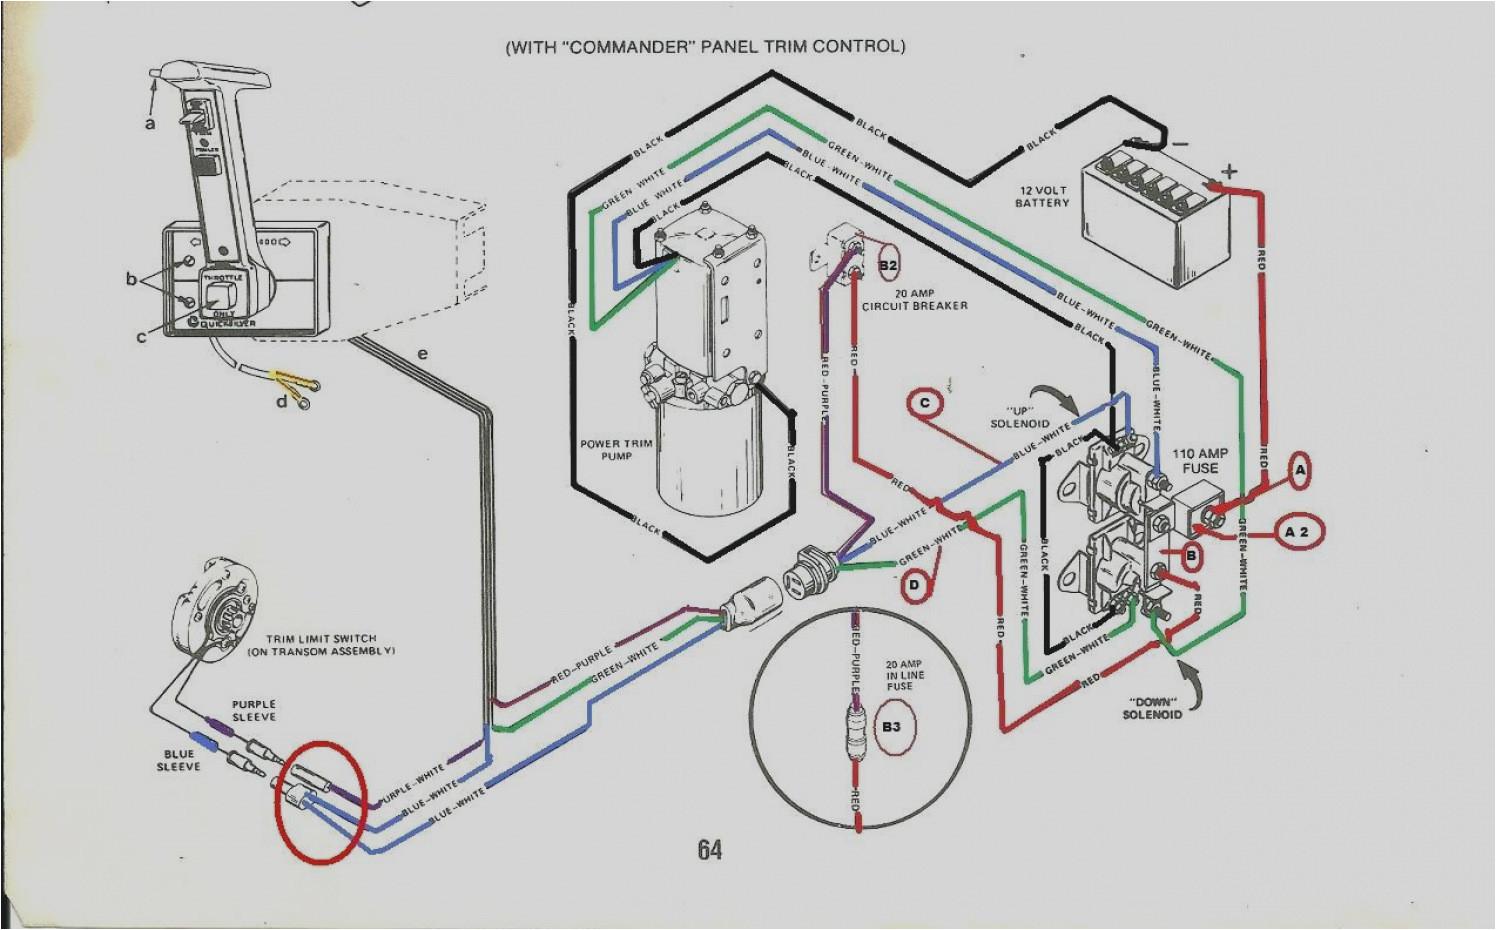 36 volt fork lift battery charger wiring diagram wiring diagram option club car golf cart wiring diagram 36 volts batt charger